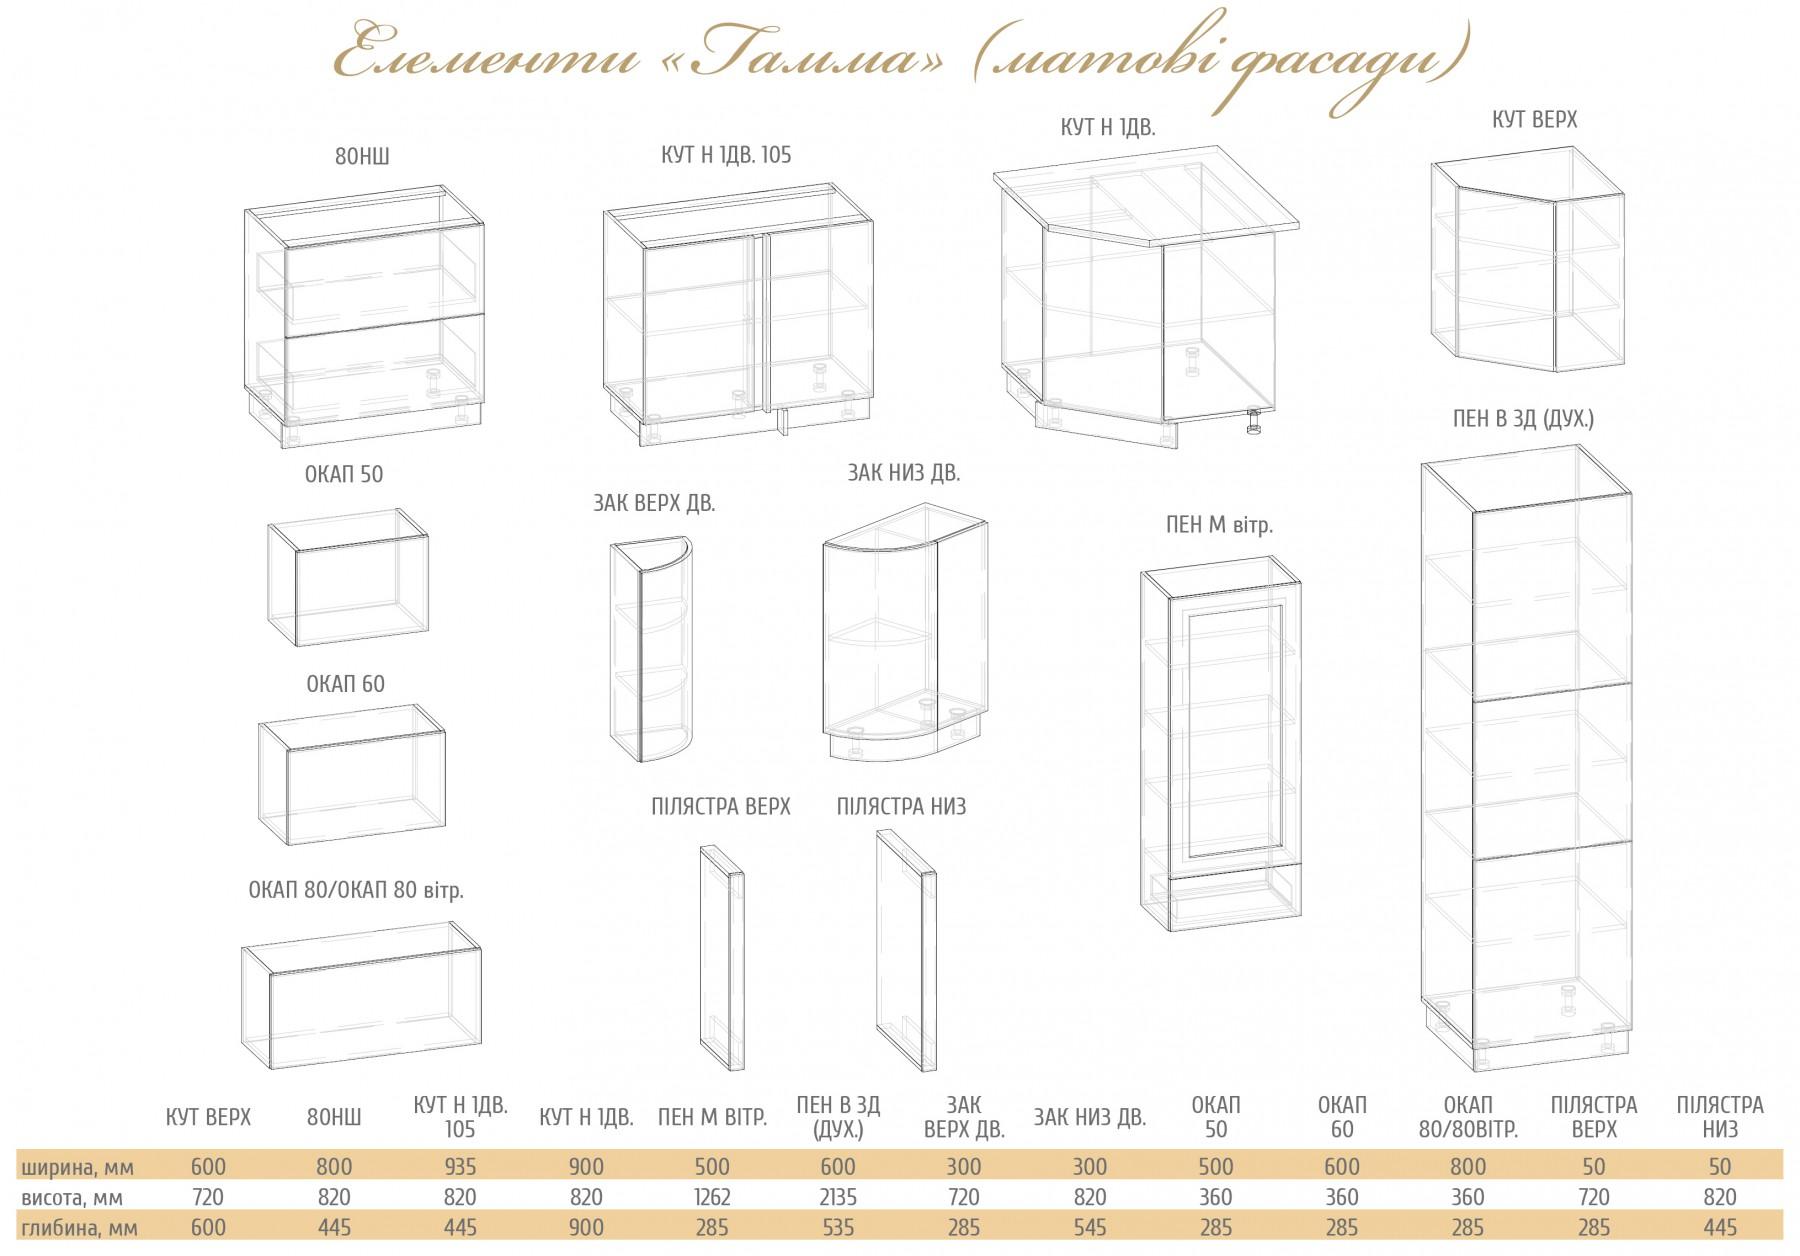 кухня гамма матовая мебель для кухни недорогие кухни модульные